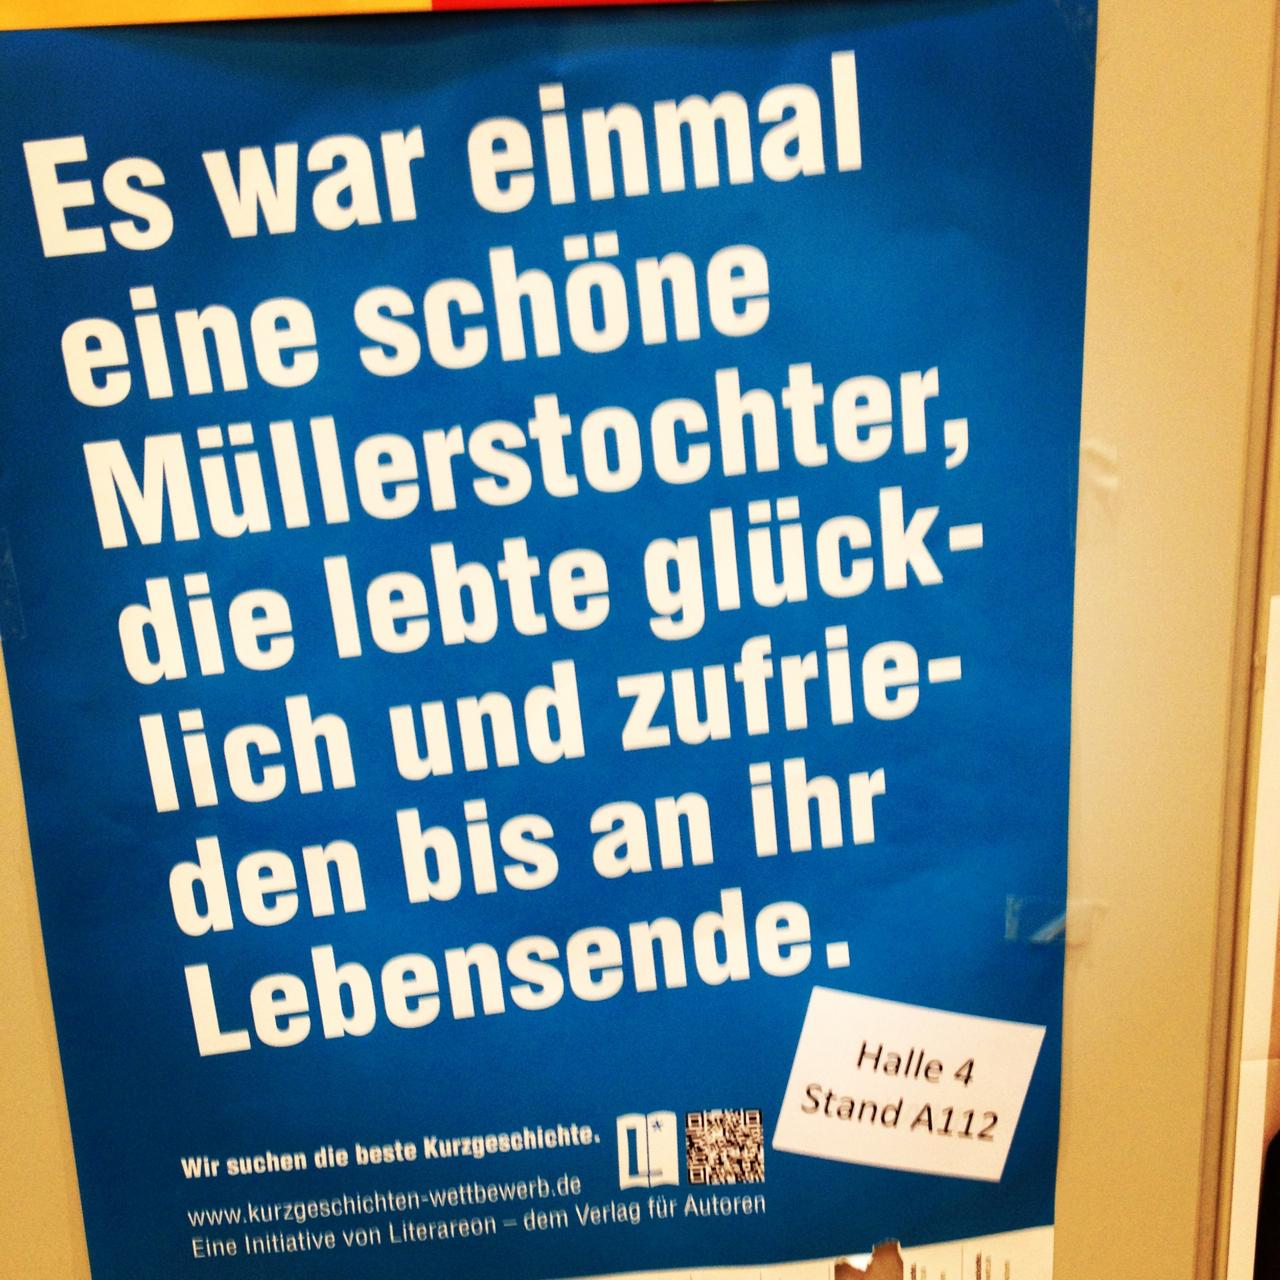 LeipzigGeschichte